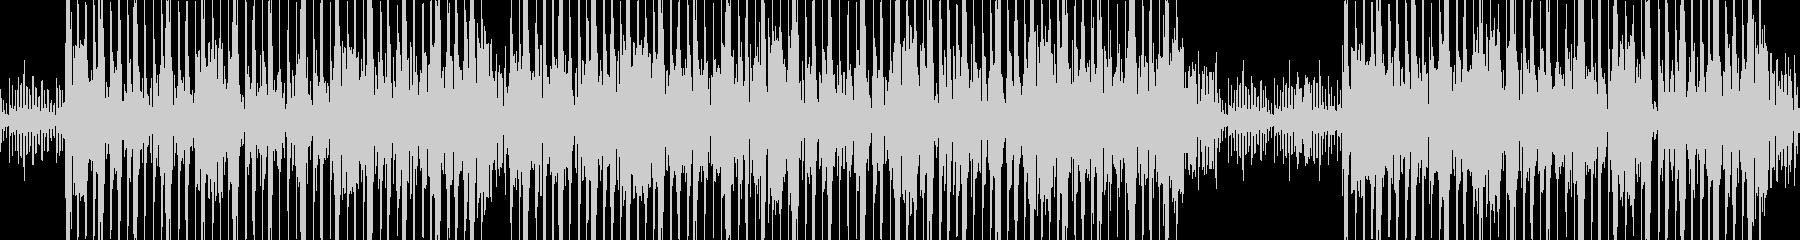 機械的な不気味シンセサウンドの未再生の波形